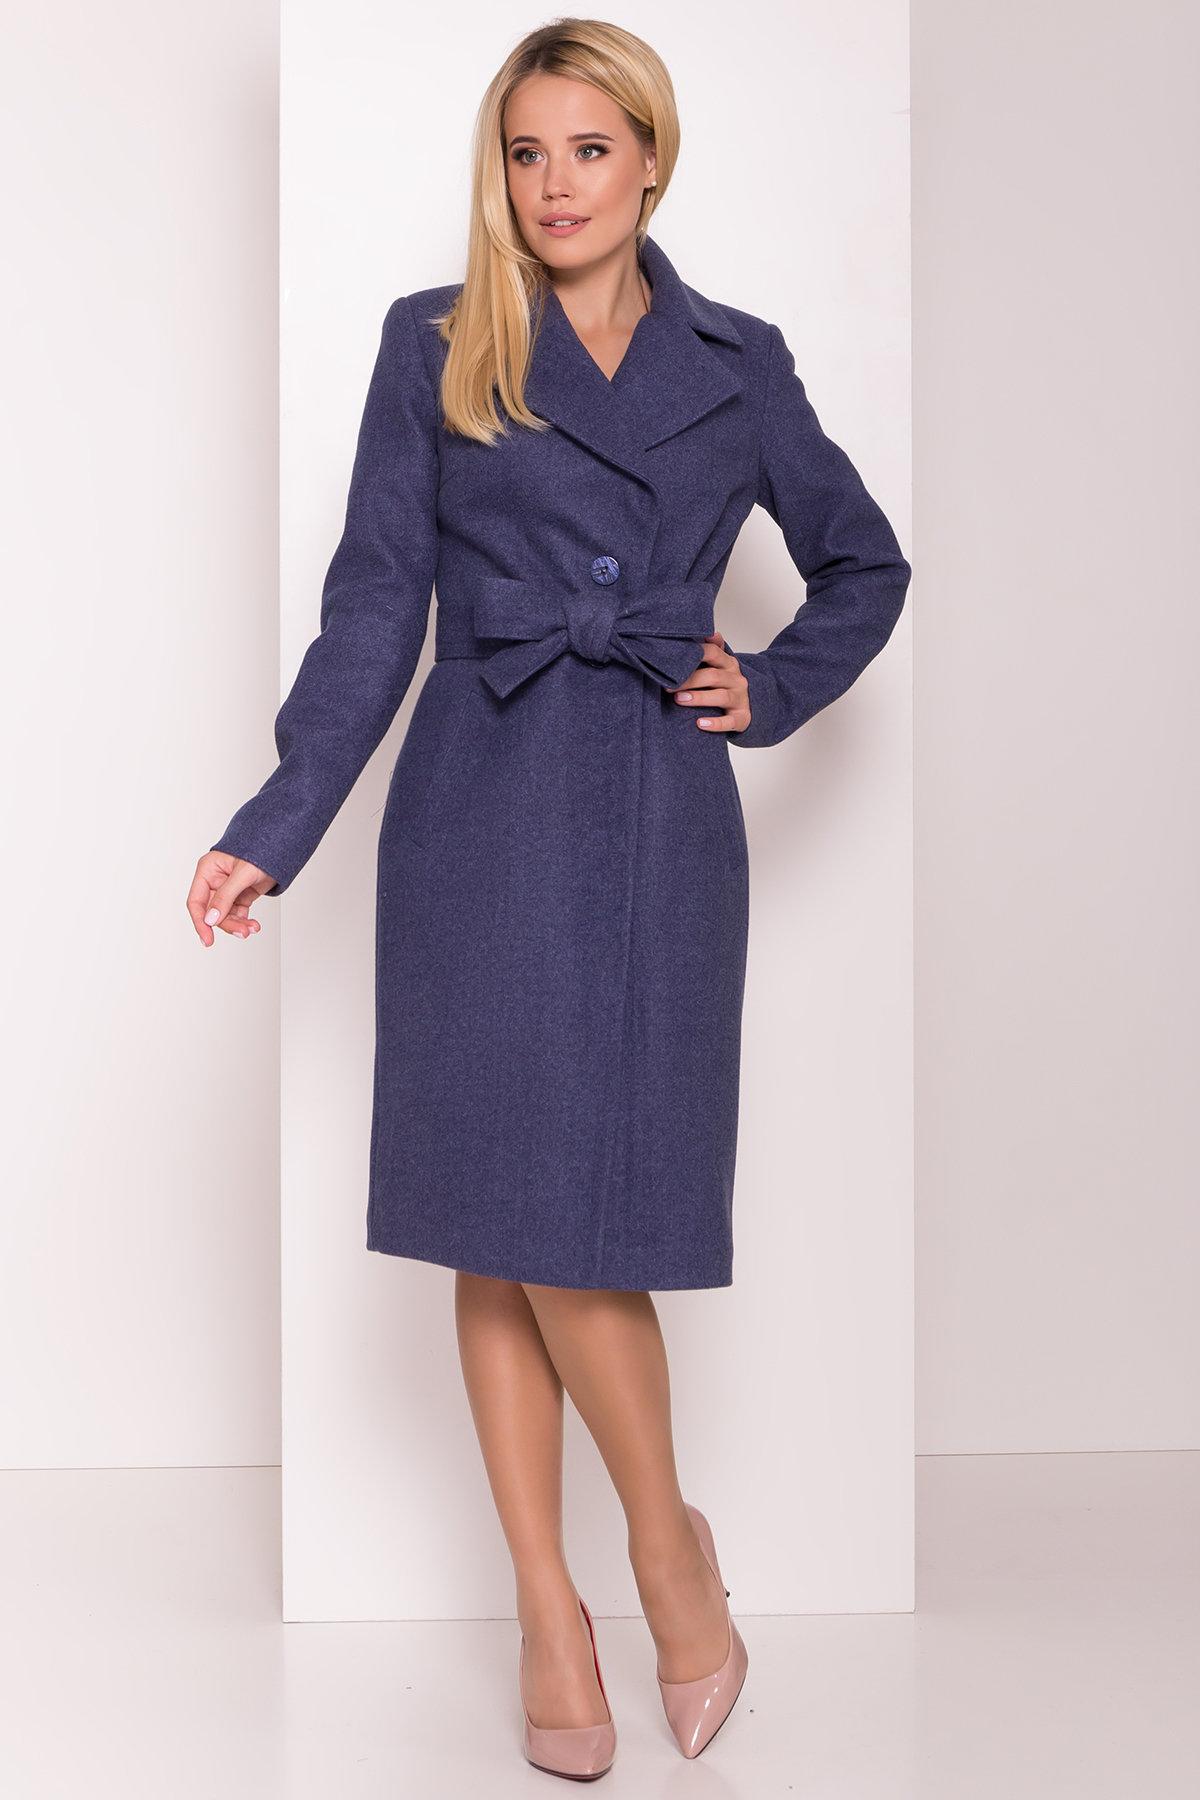 Демисезонное пальто от производителя Modus Пальто Габриэлла 7876